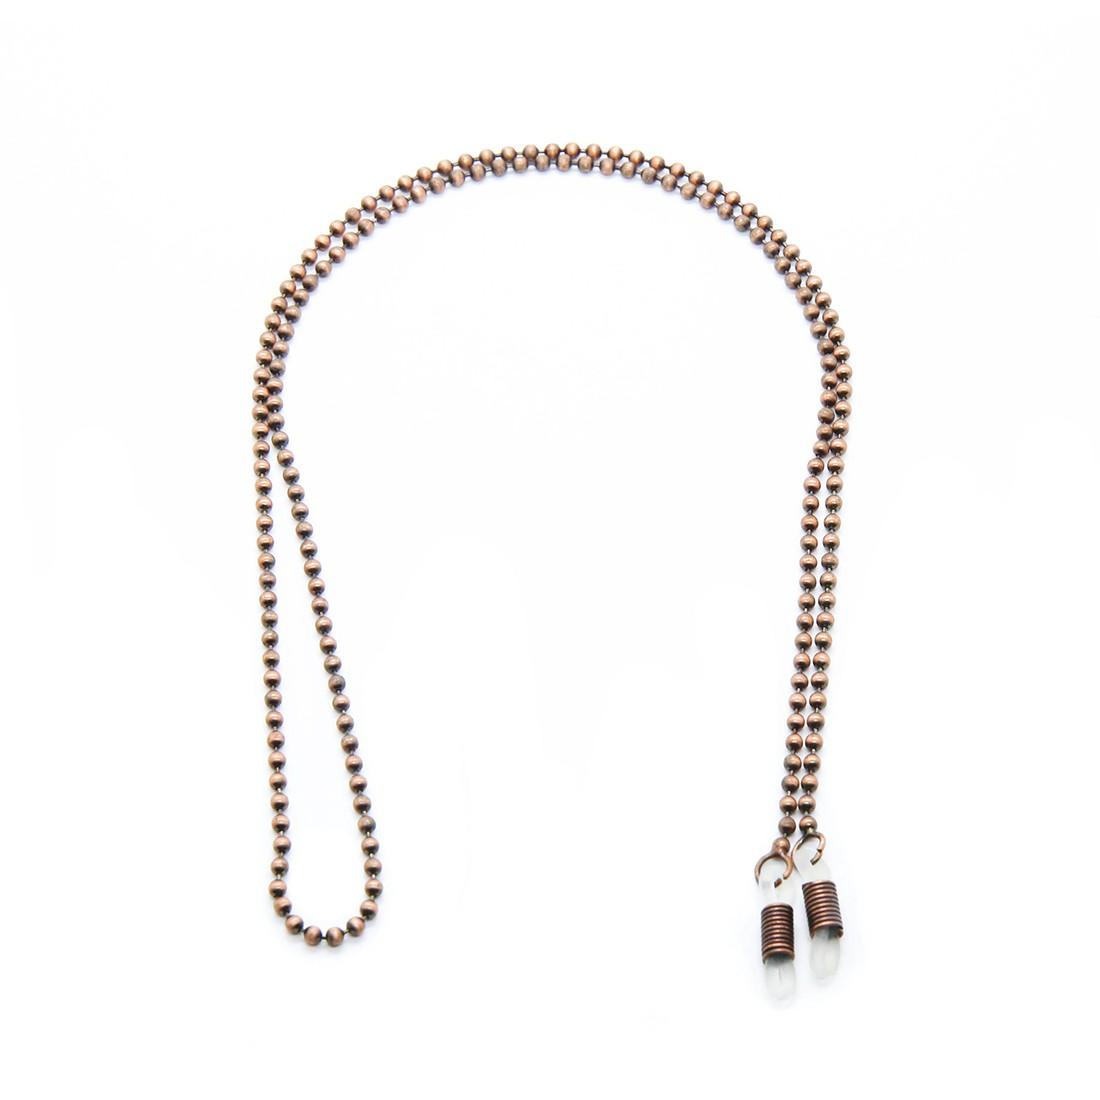 Corrente Metal B 03462cm Cor Cobre